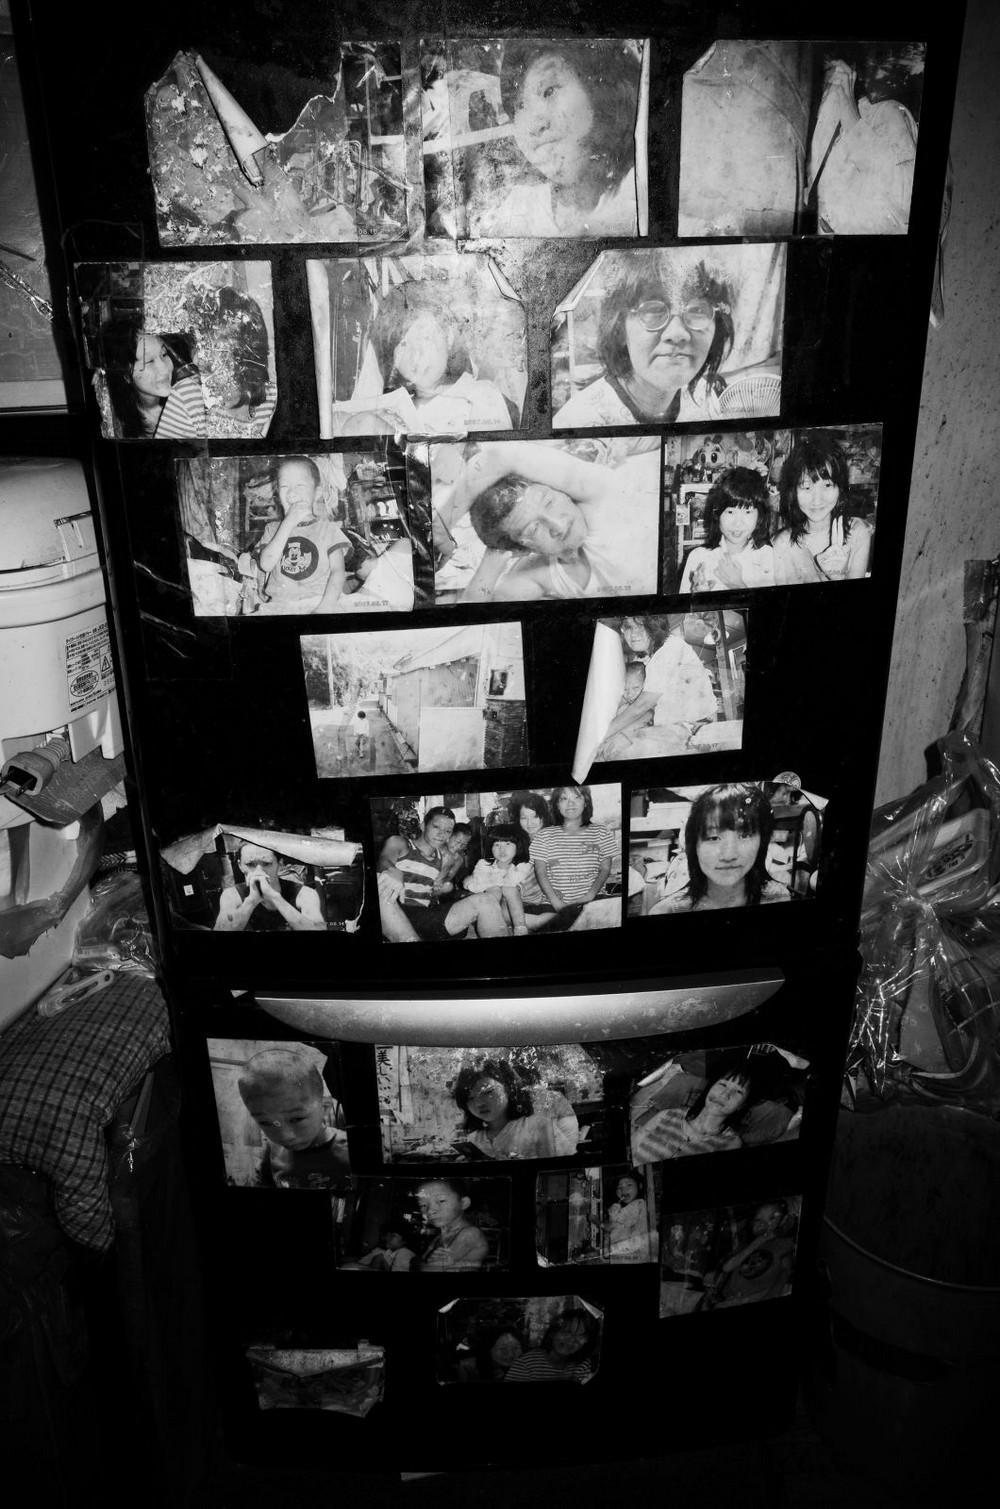 Жизнь японского фотографа и его семьи в однокомнатной квартире